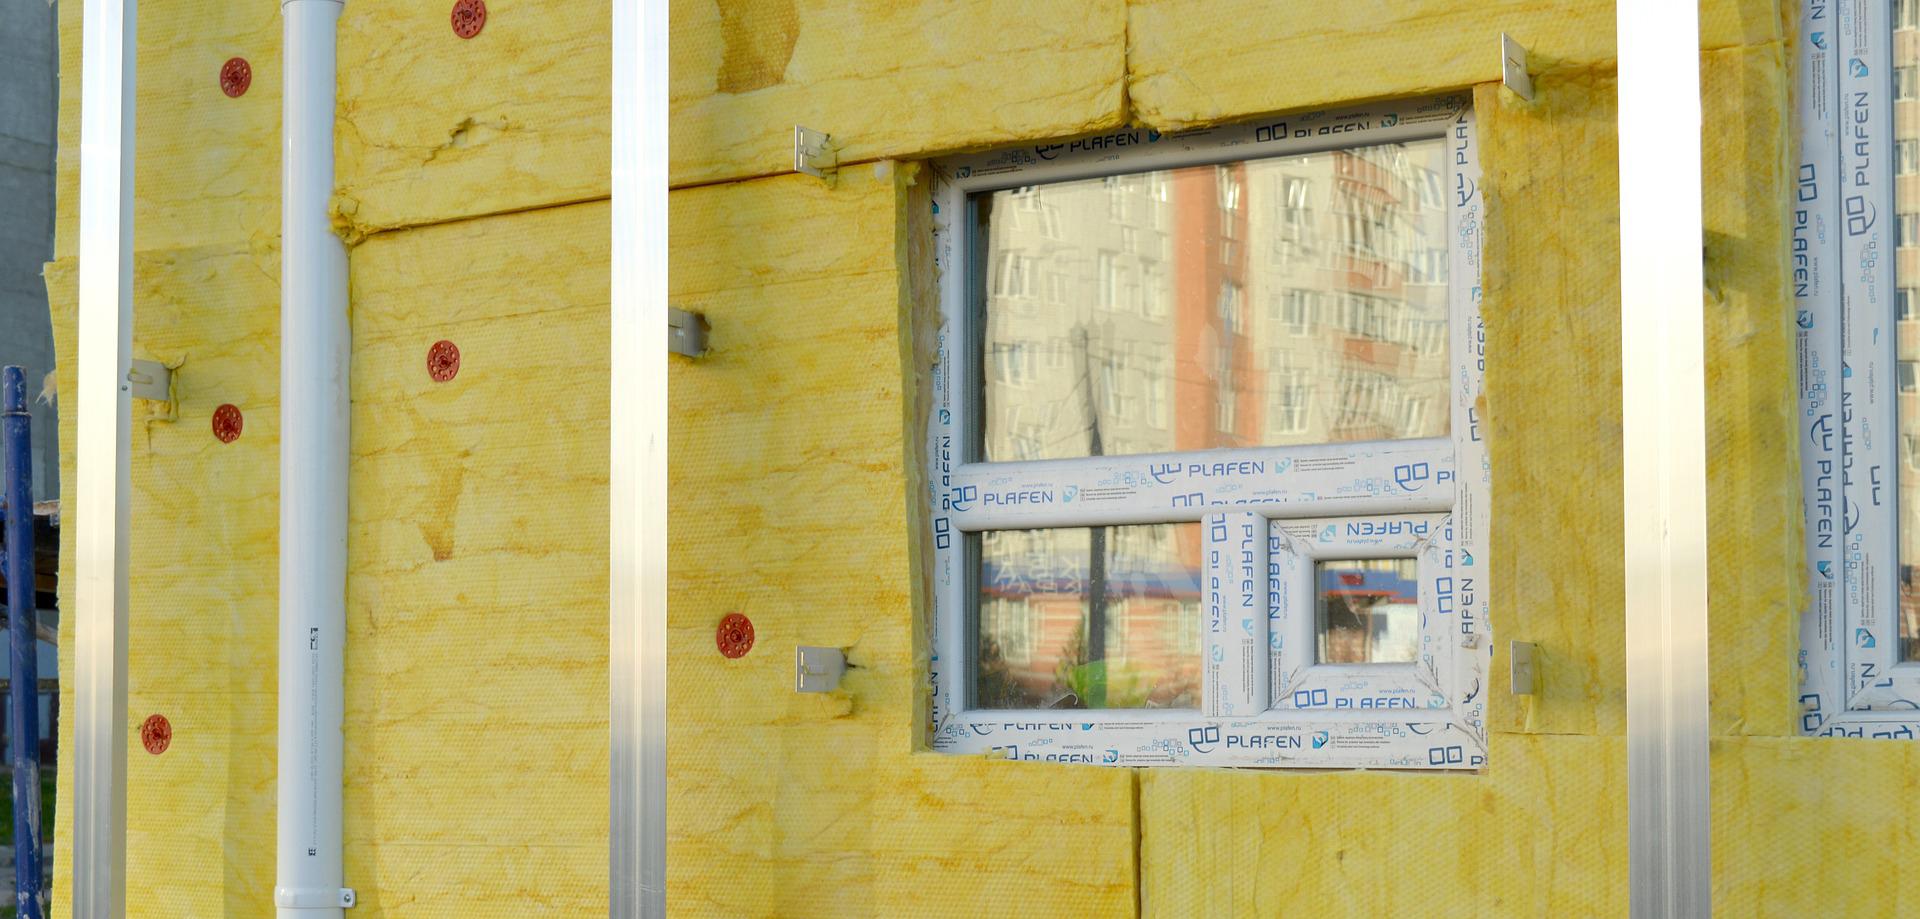 proyecto-rehabilitacion-energetica-aislamiento-de-fachadas-subvencion-xunta